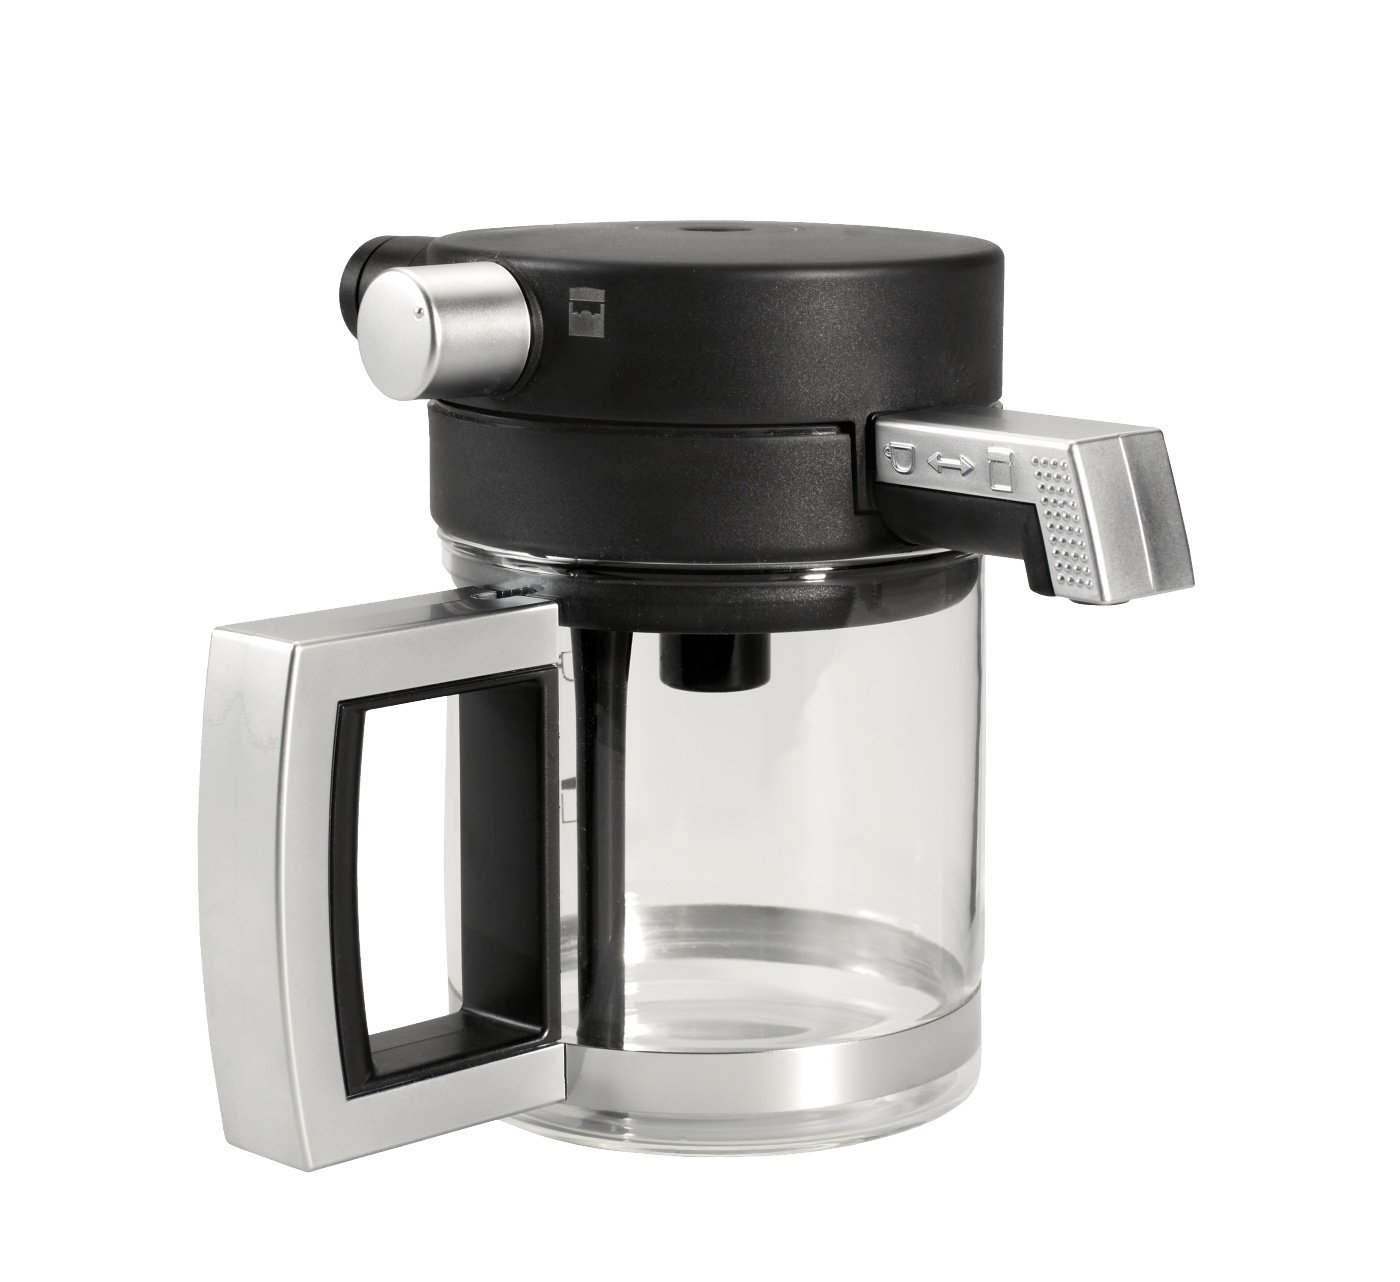 Filtro de caf/é Miele CVC 26